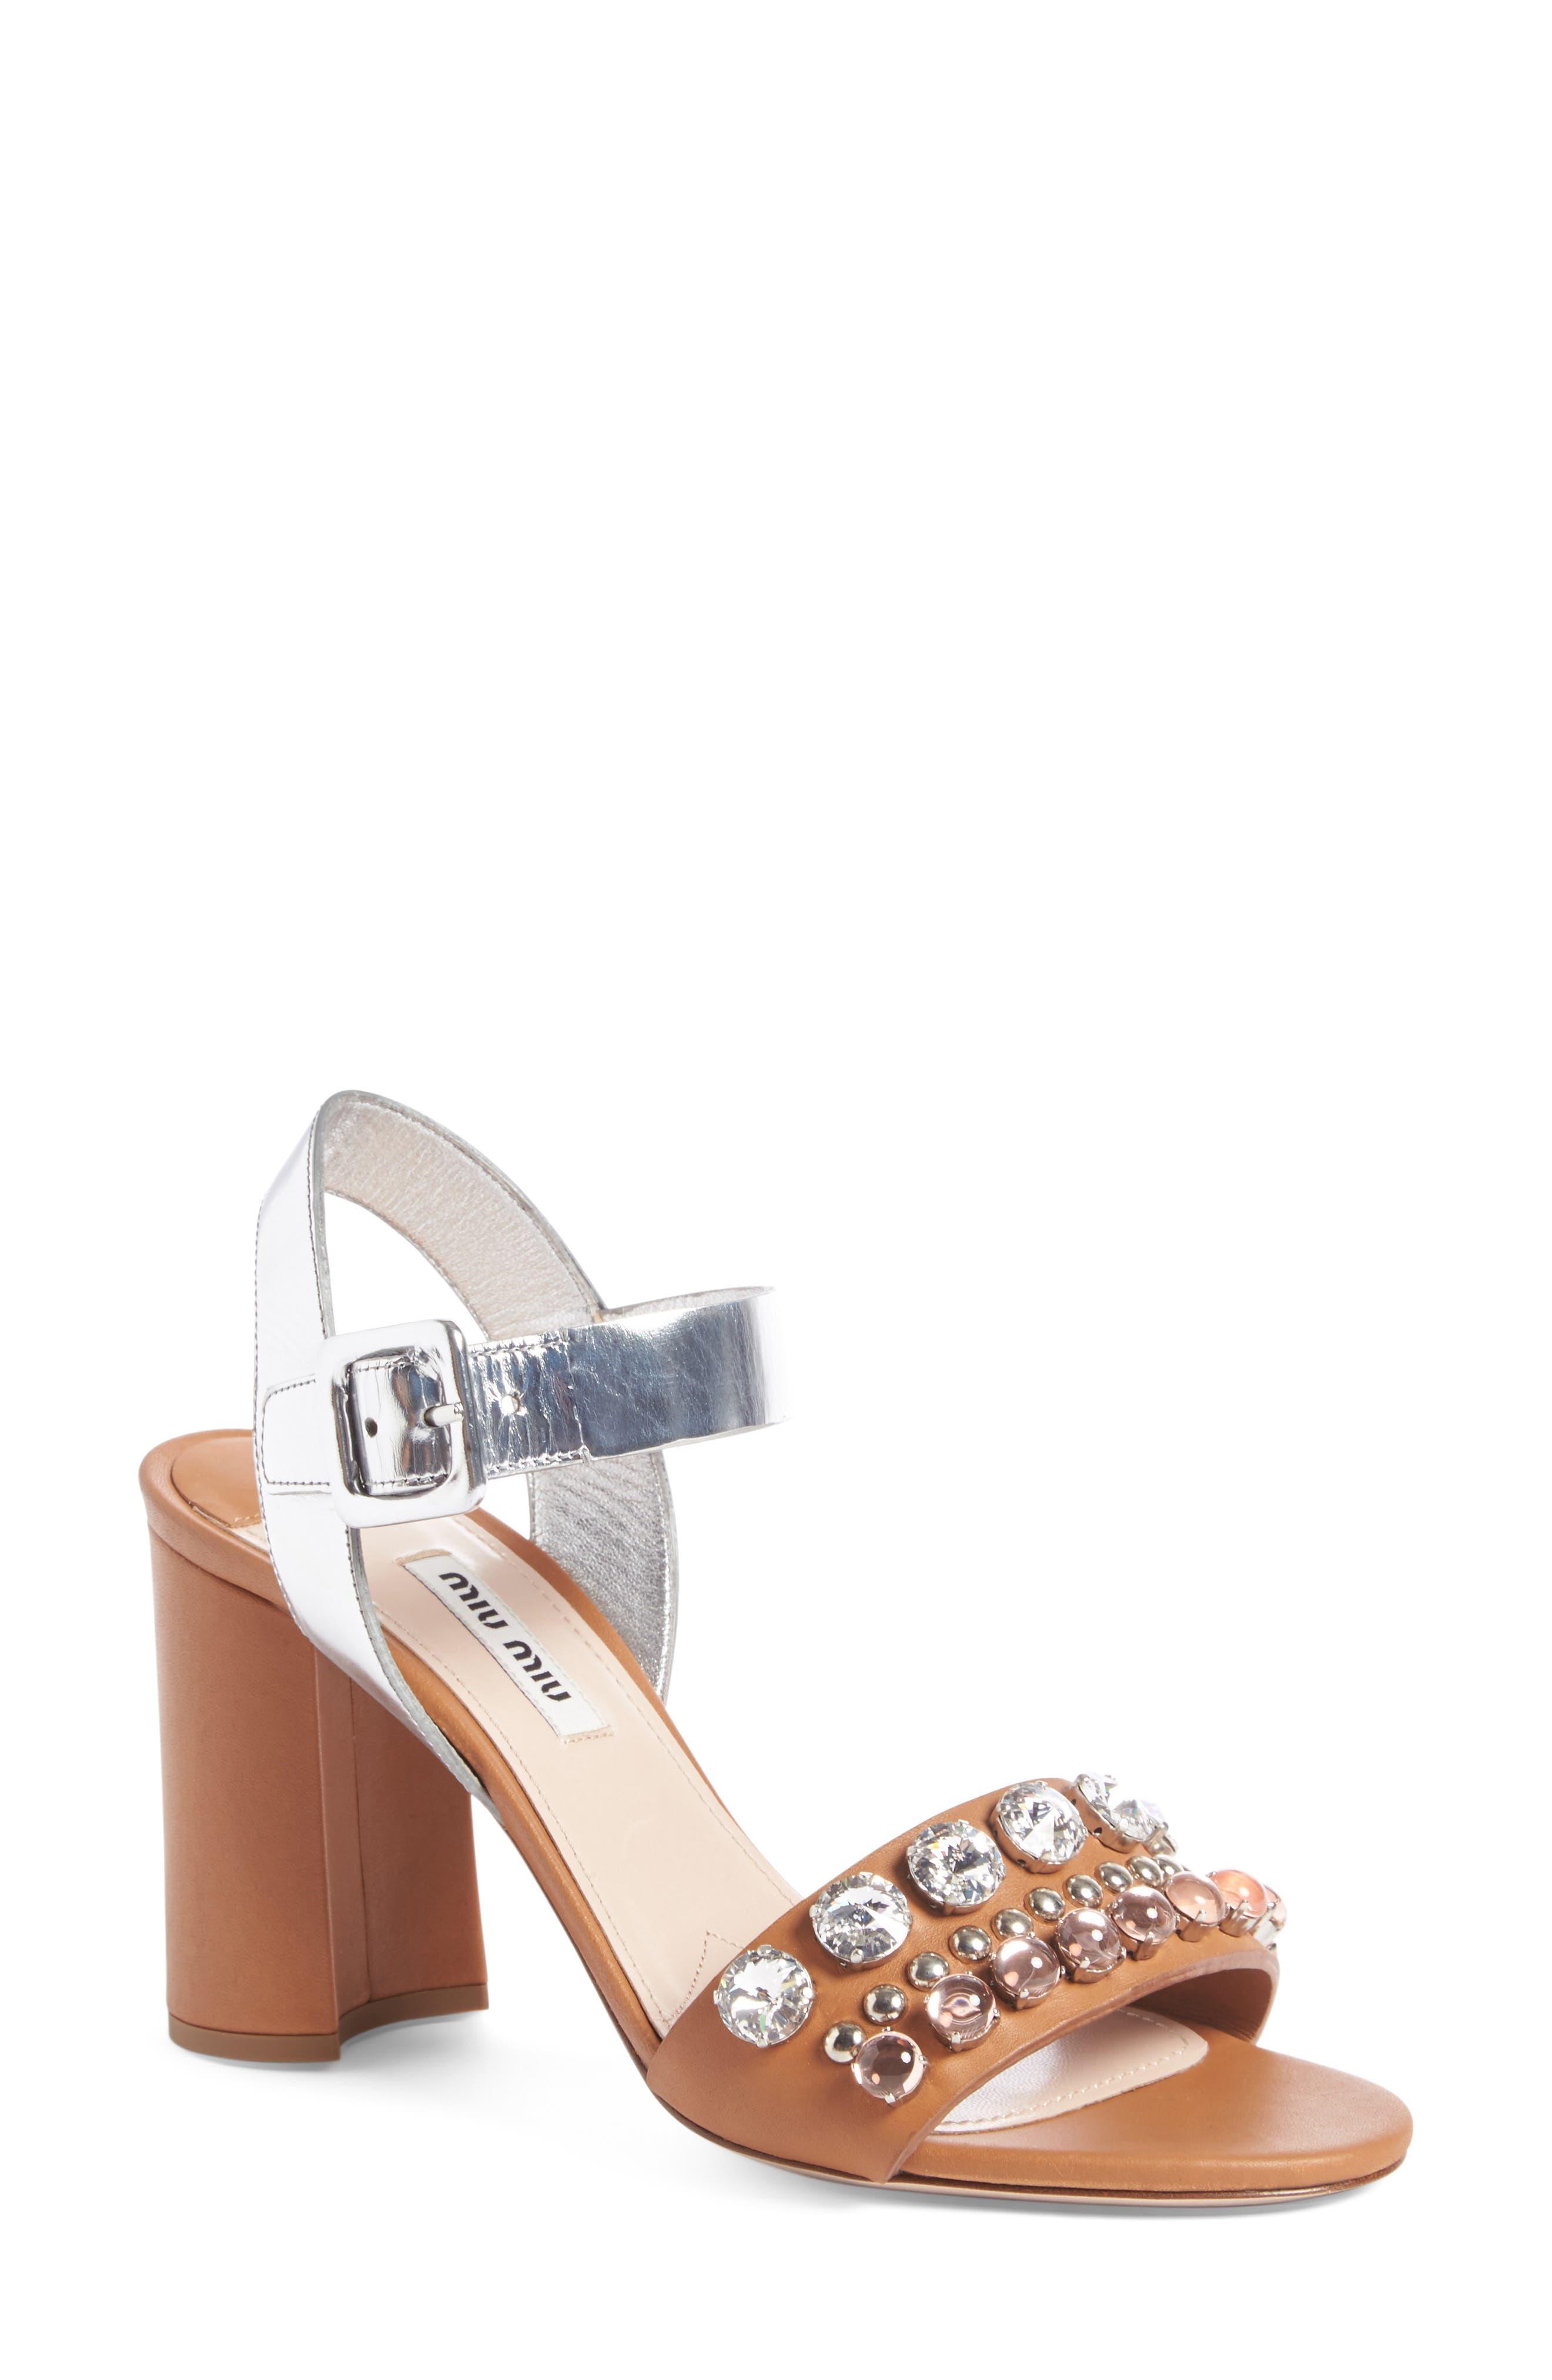 Miu Miu Jewel Sandal (Women)